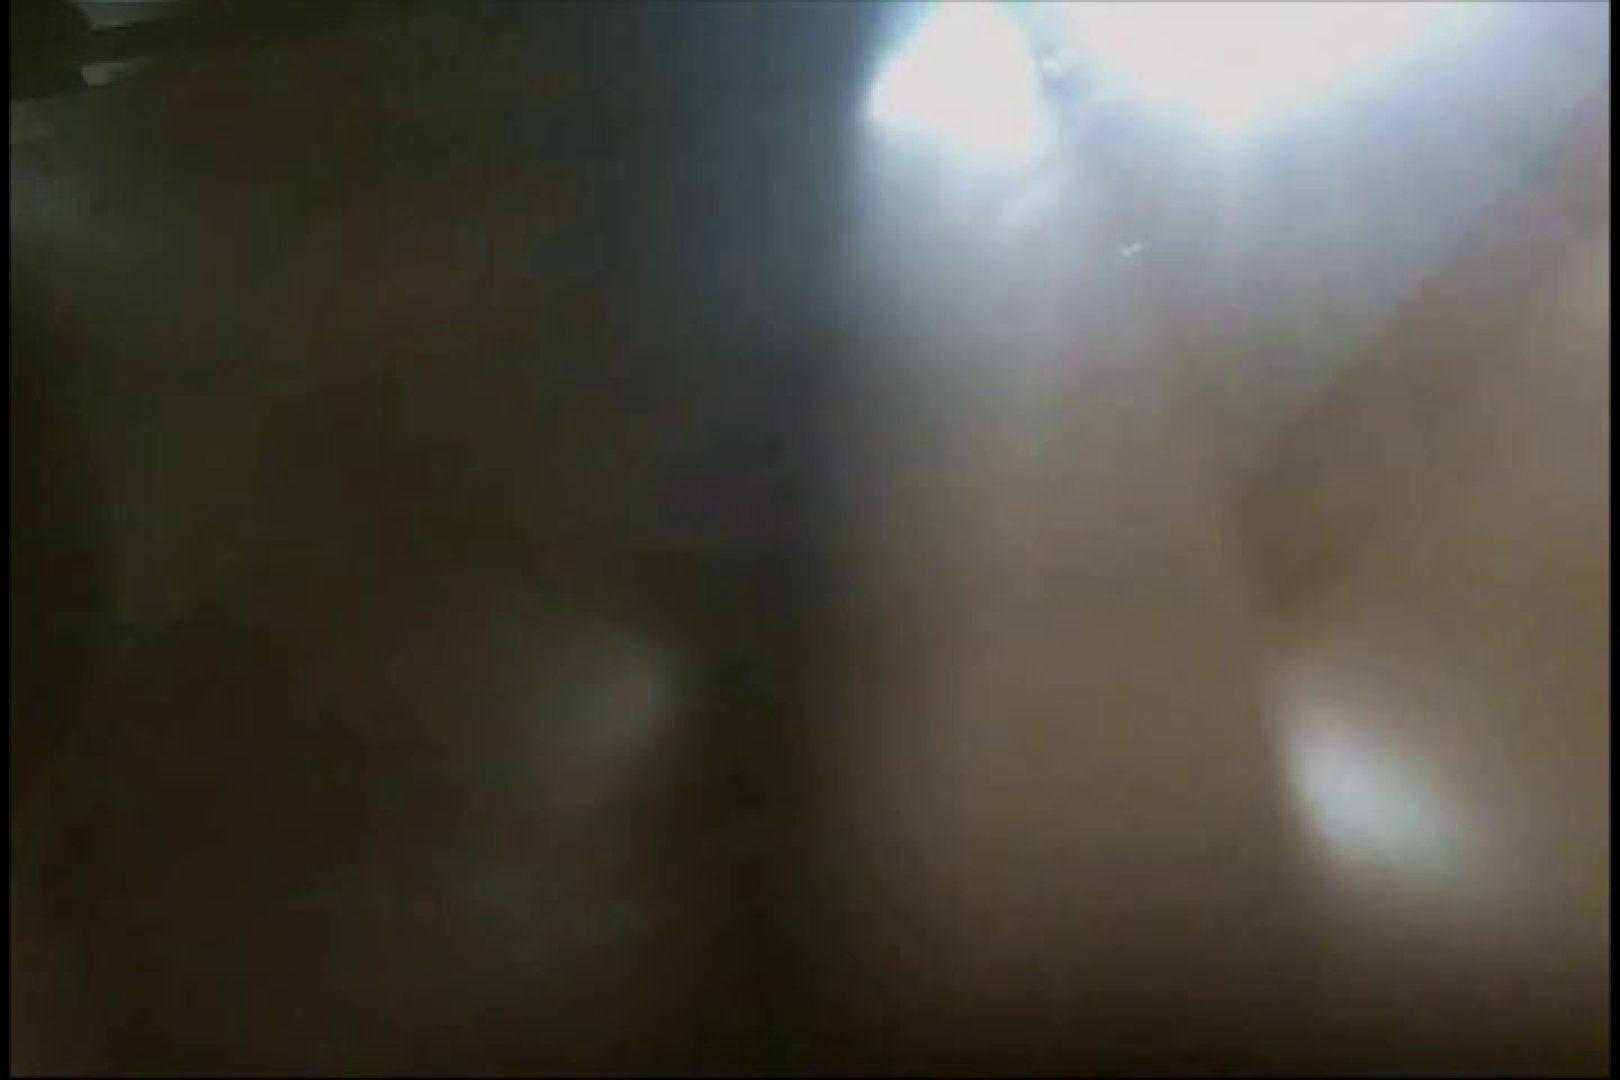 画質向上!新亀さん厠 vol.49 厠 エロ画像 80連発 10